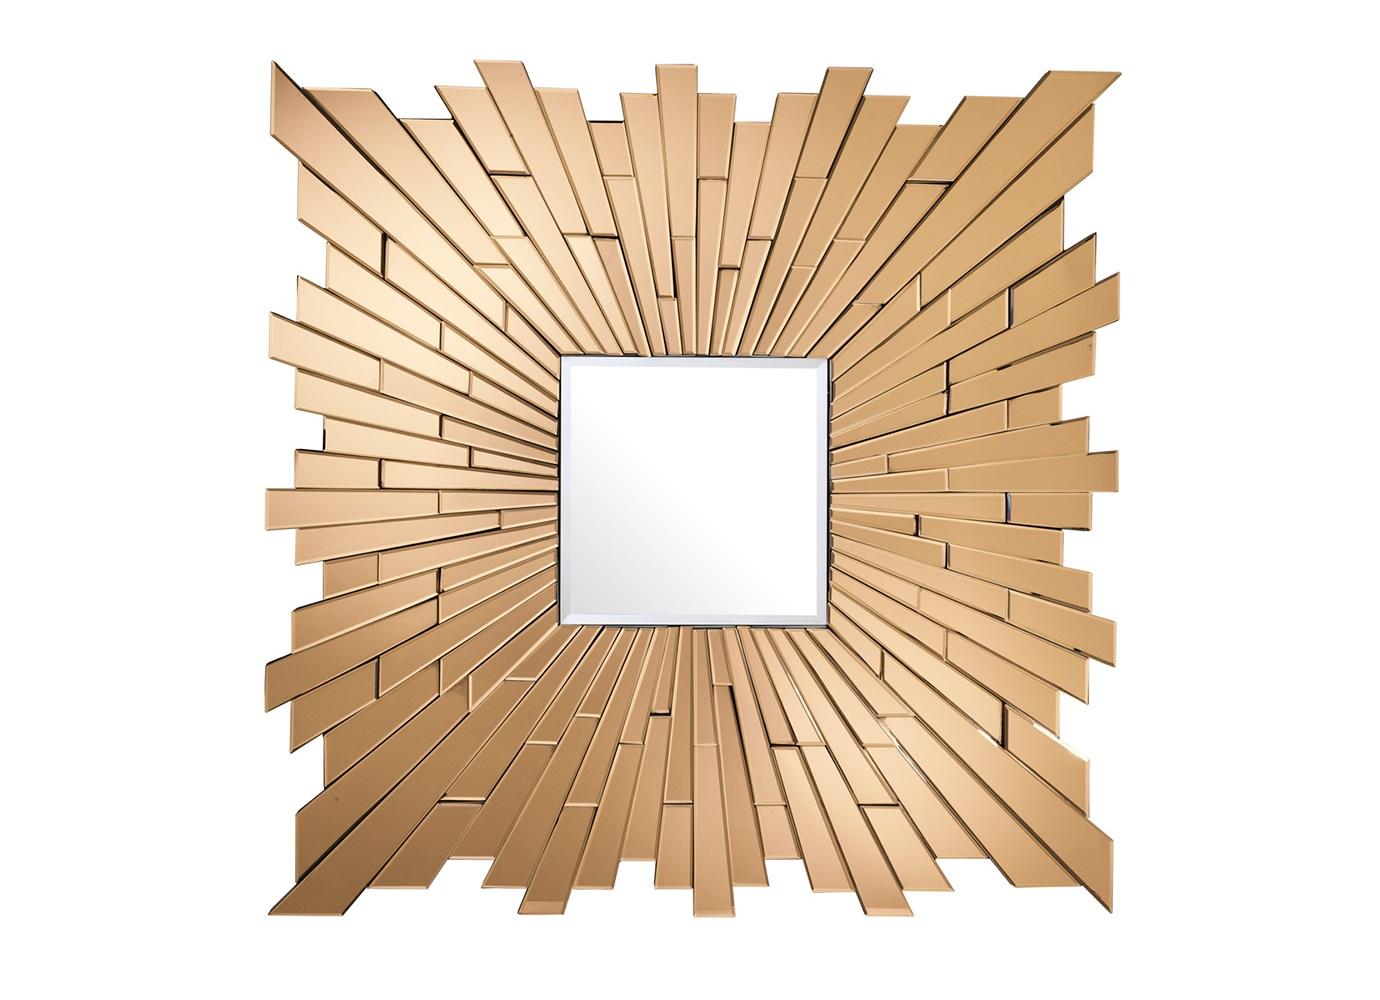 ЗеркалоНастенные зеркала<br>Зеркало Mirror Moonriver с оригинальным дизайном. Рамка состоит из зеркальных граней янтарного цвета.<br><br>Material: Стекло<br>Ширина см: 120<br>Высота см: 120